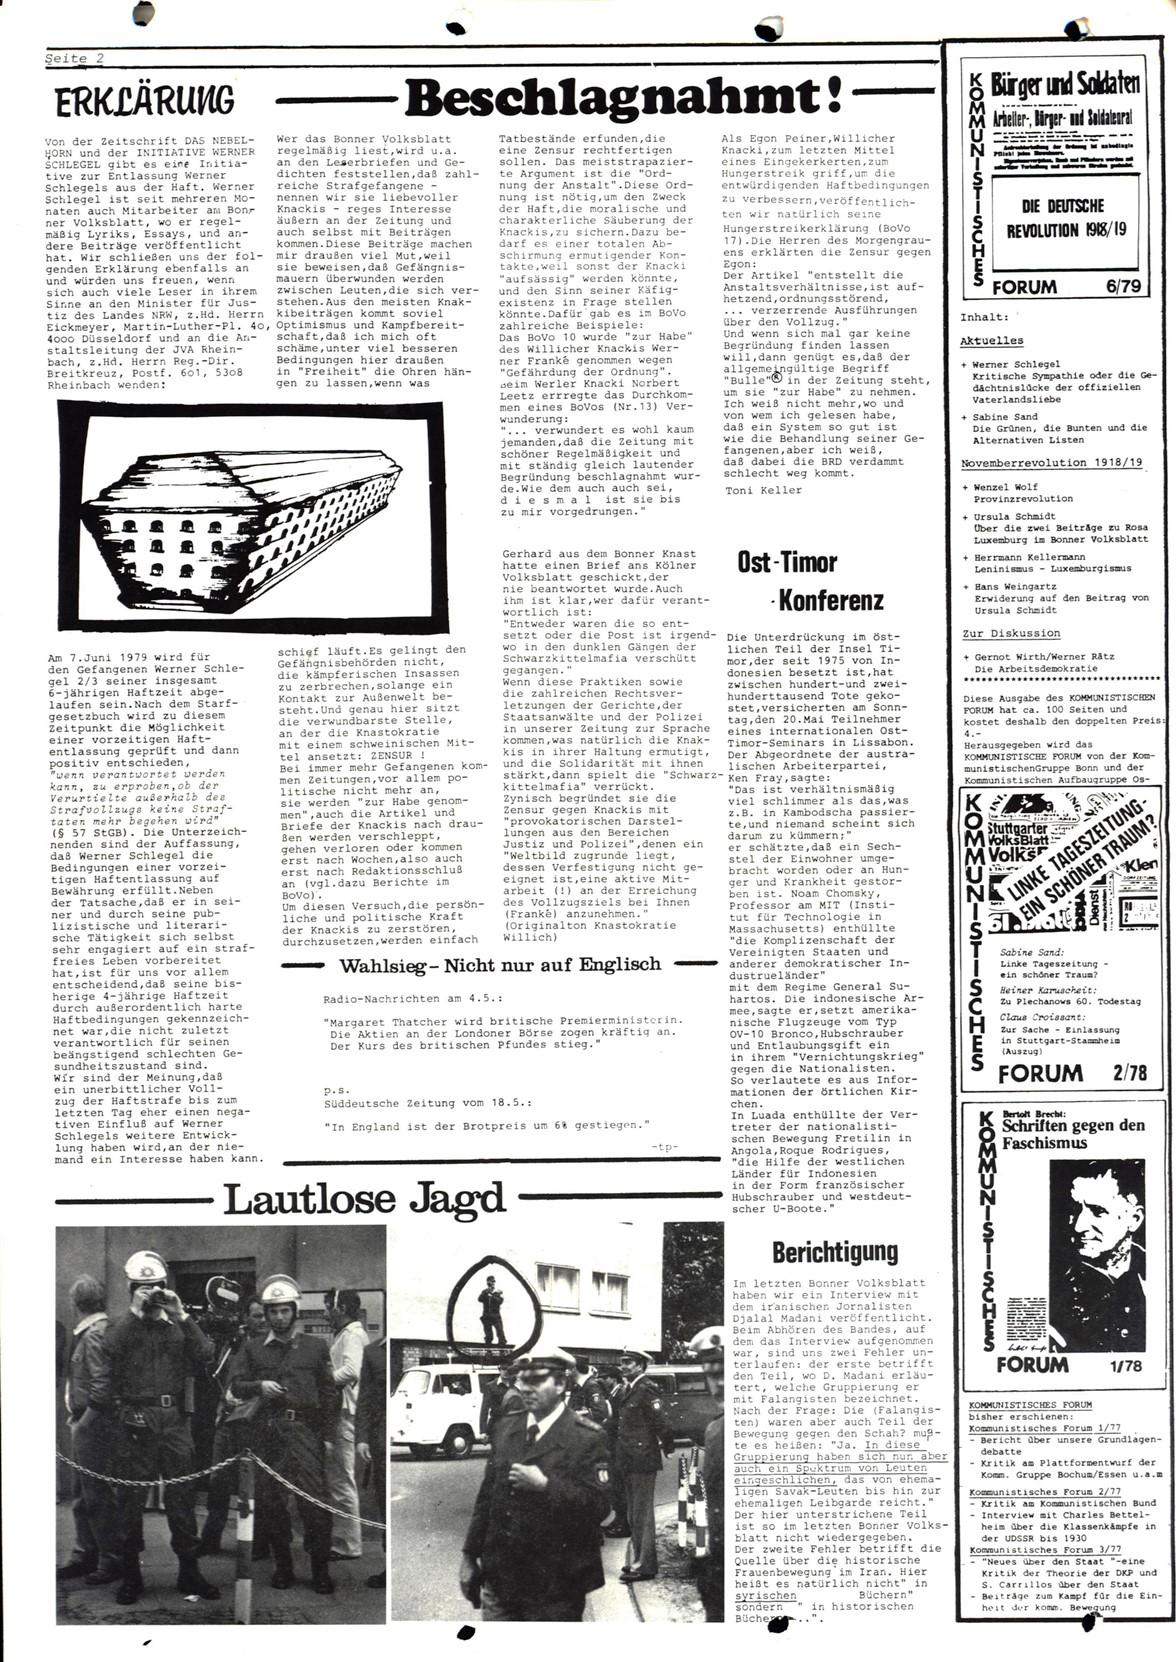 Bonner_Volksblatt_25_19790530_02